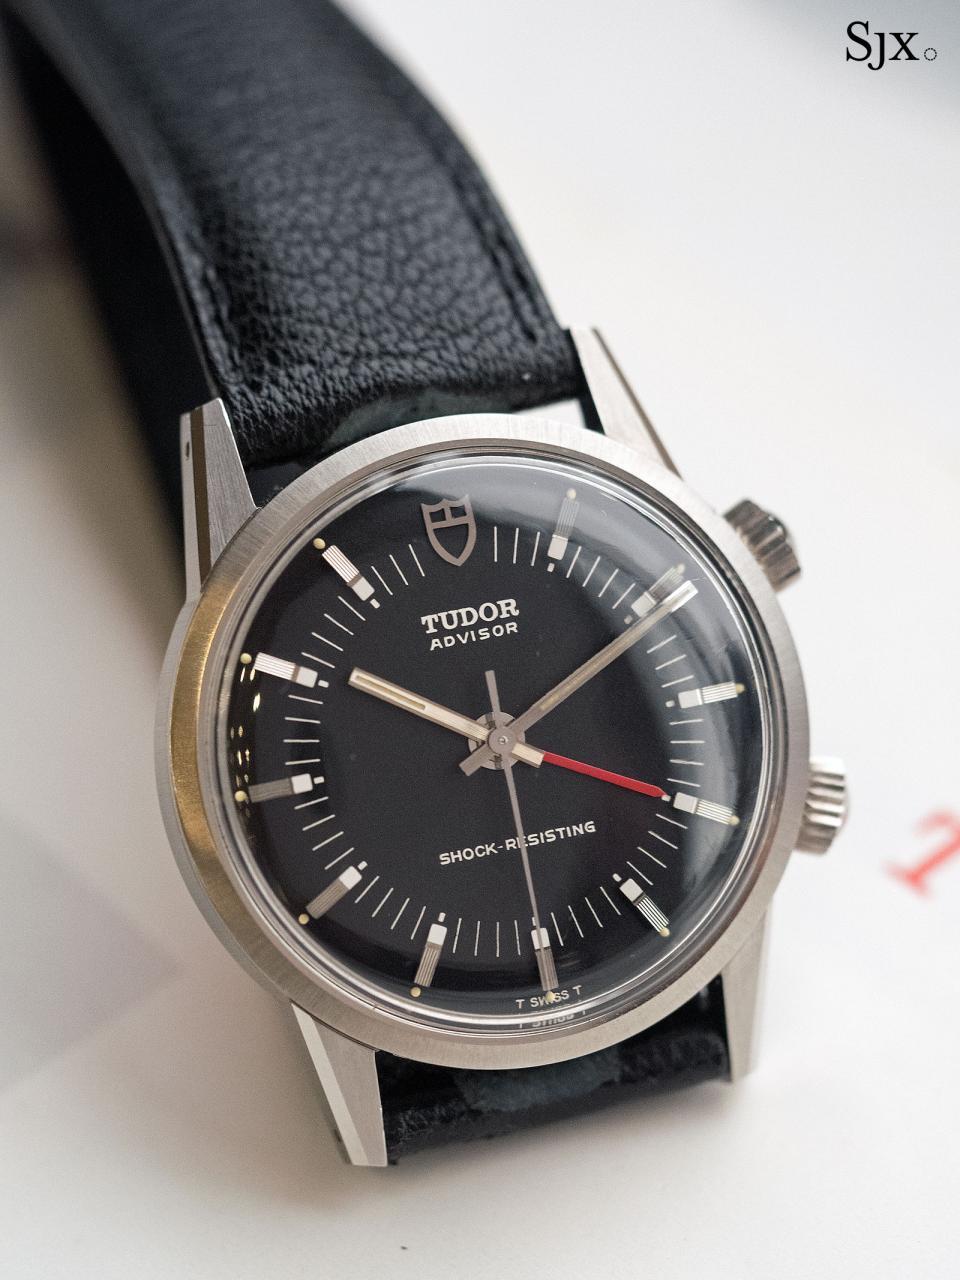 Tudor Advisor alarm ref. 10050 4